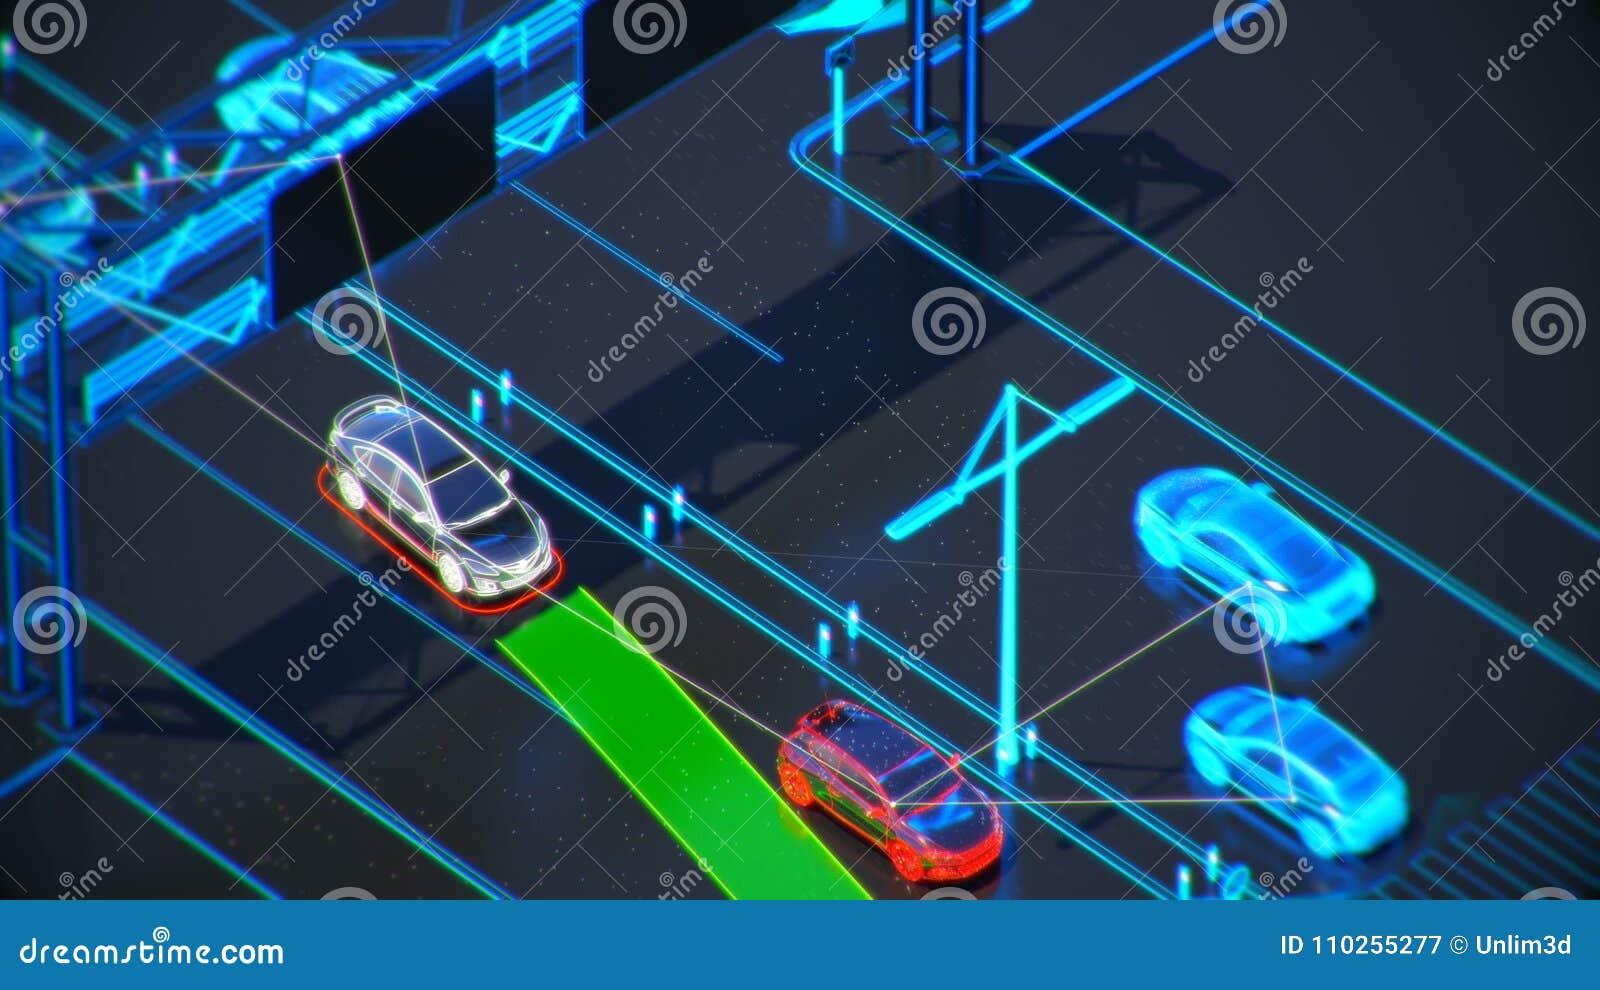 Autonome systemu transportu pojęcie, mądrze miasto, internet rzeczy, pojazd pojazd, pojazd infrastruktura